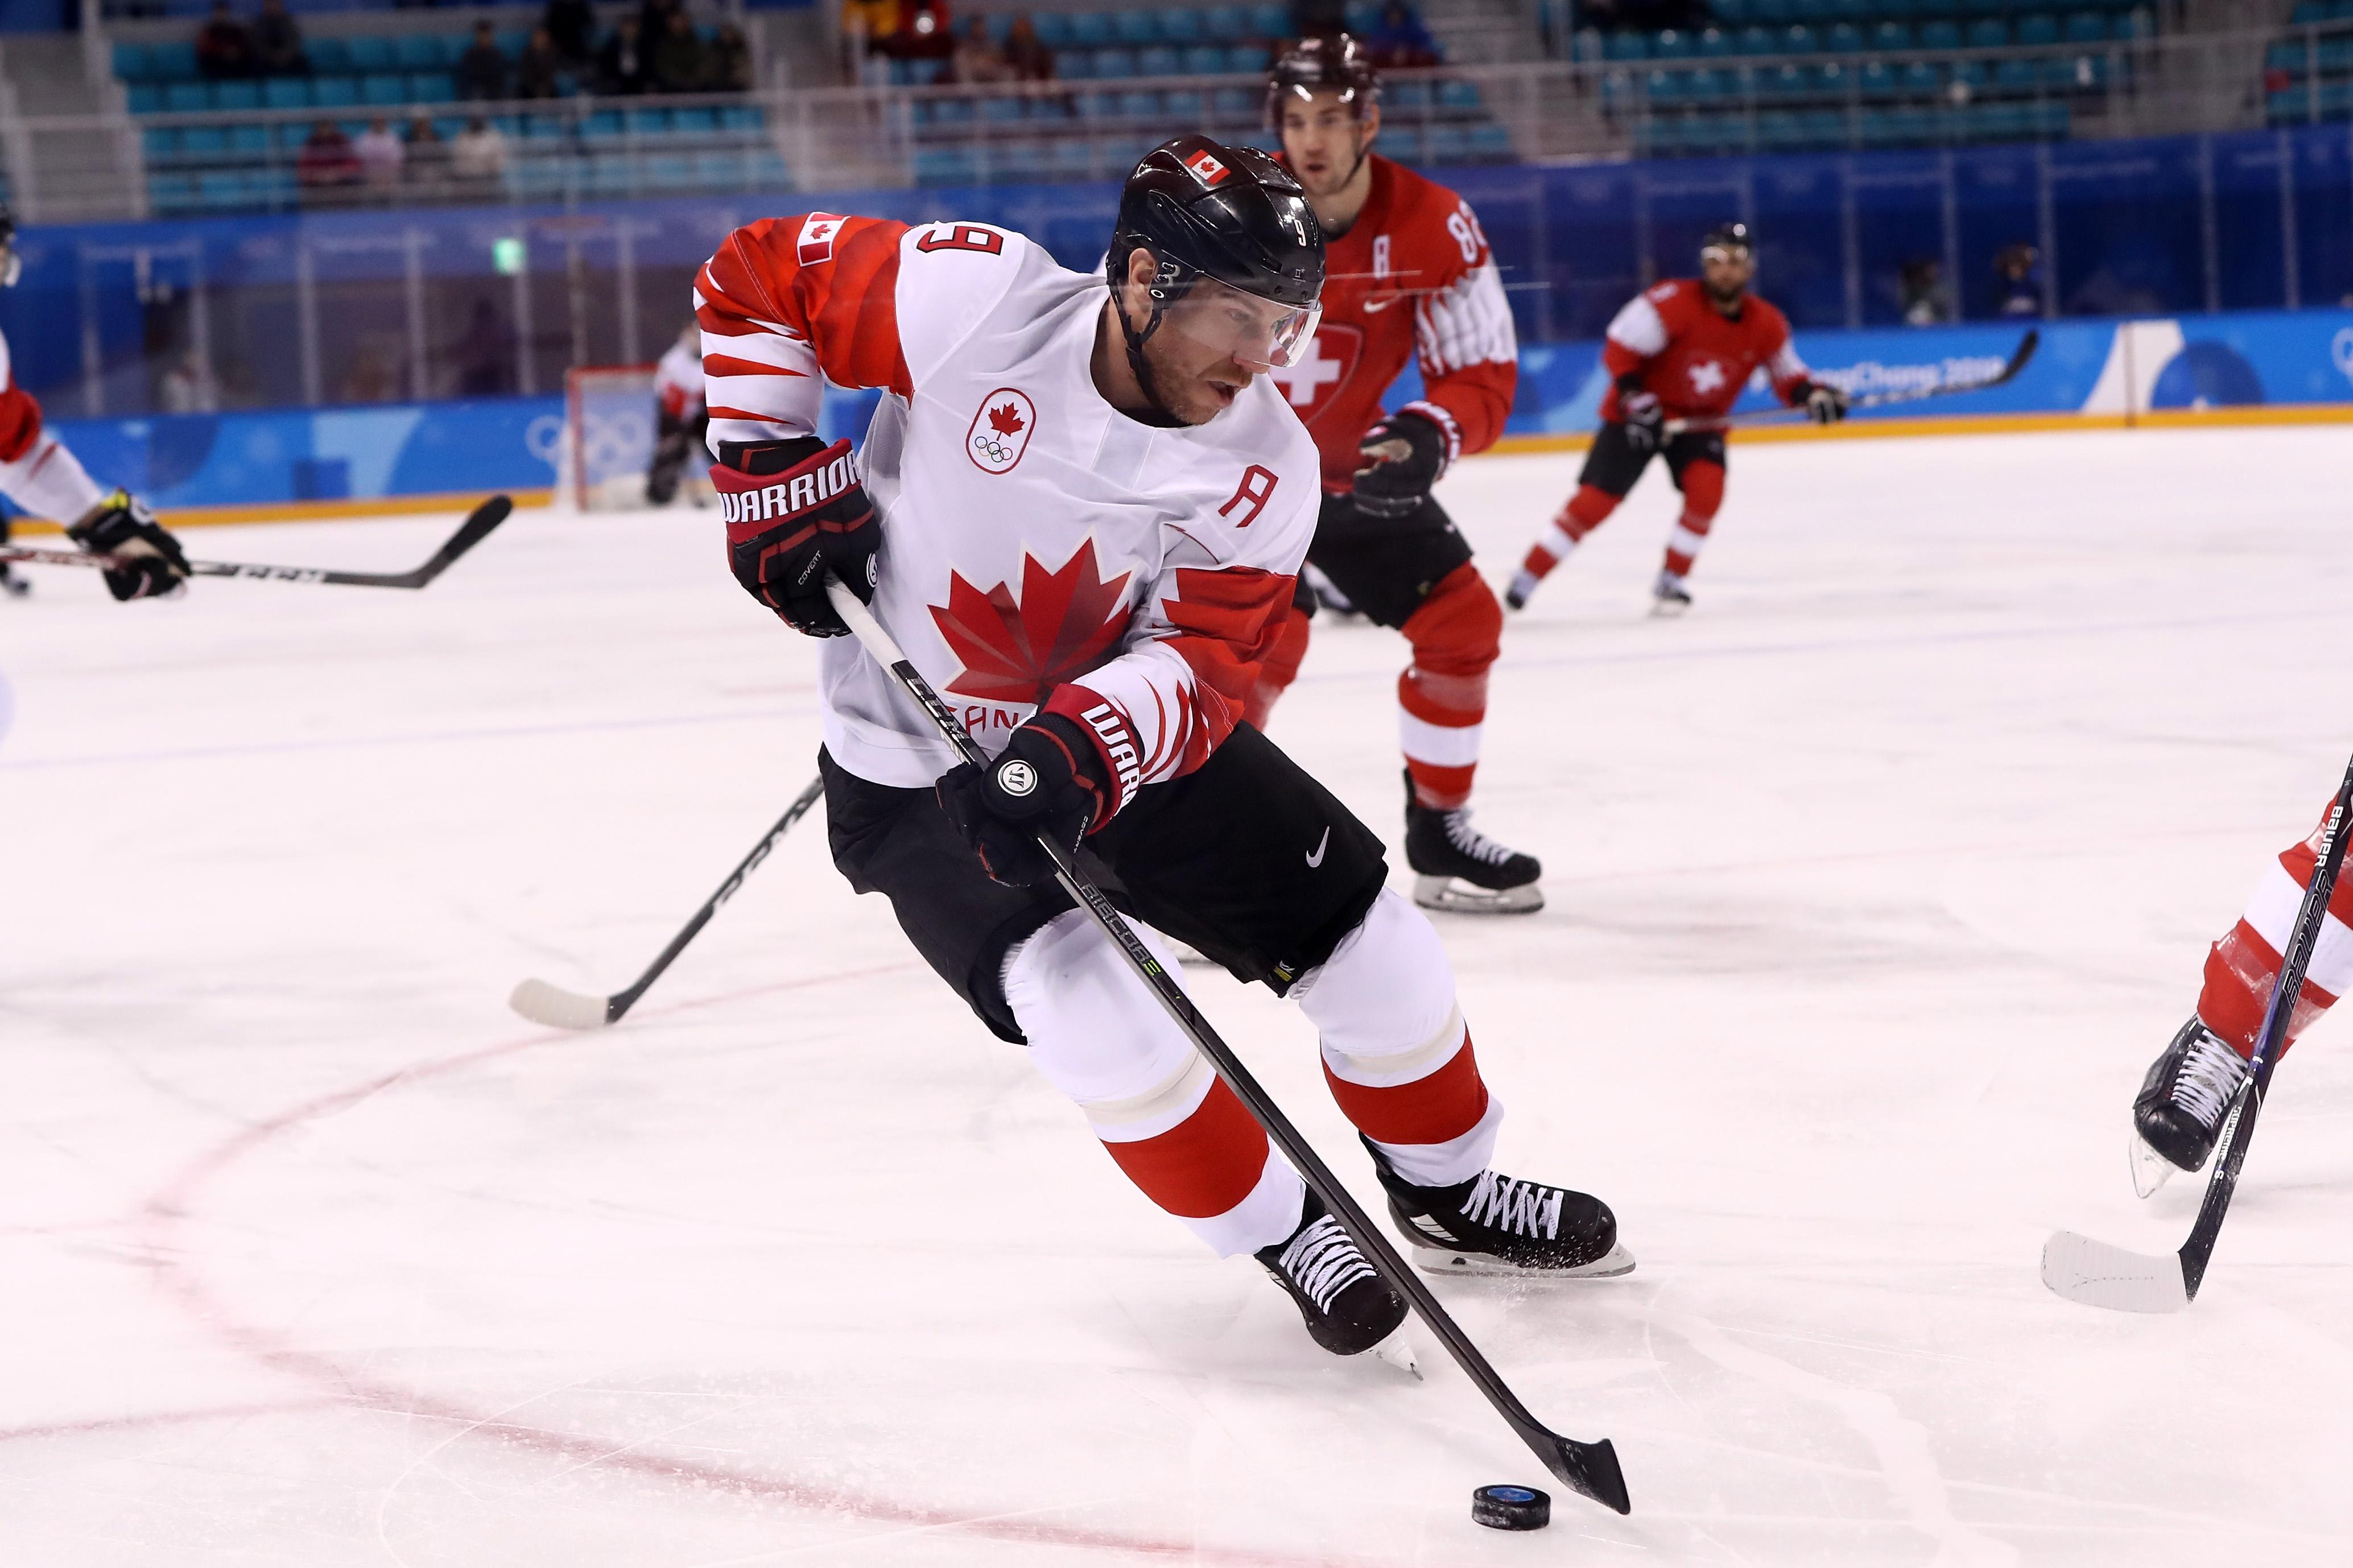 Ice Hockey - Winter Olympics Day 6 - Switzerland v Canada